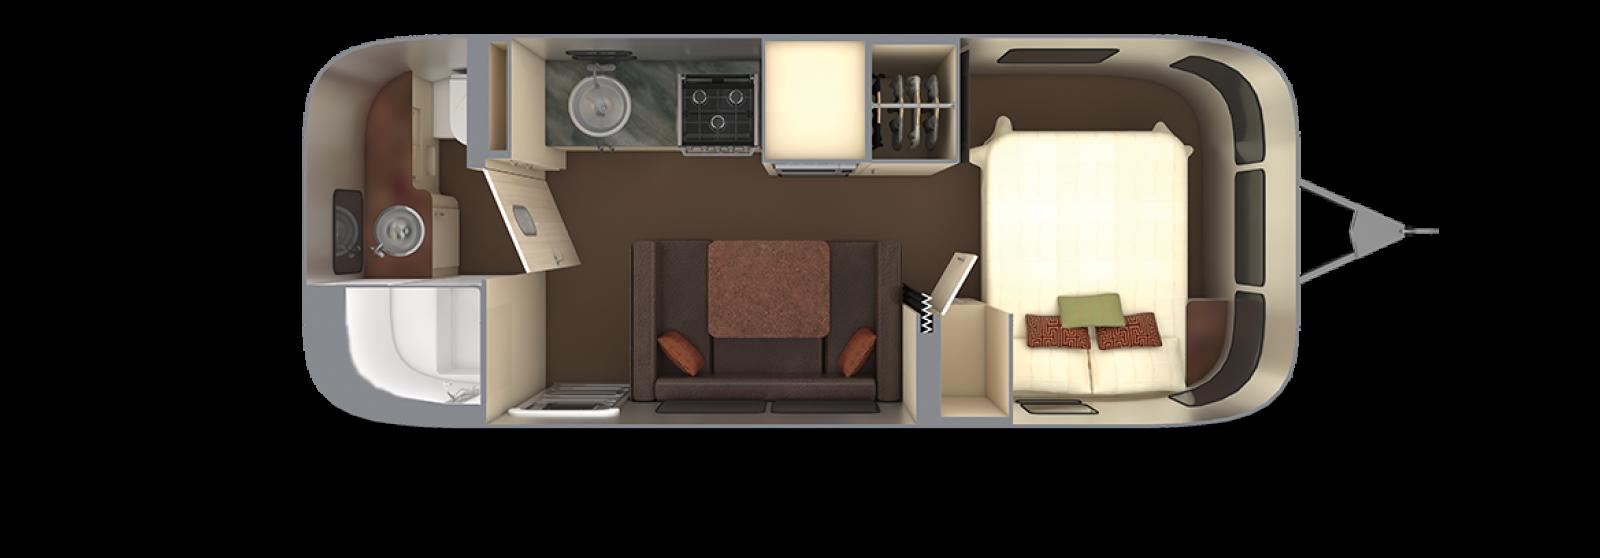 Serenity 23FB with Espresso Interior Decor